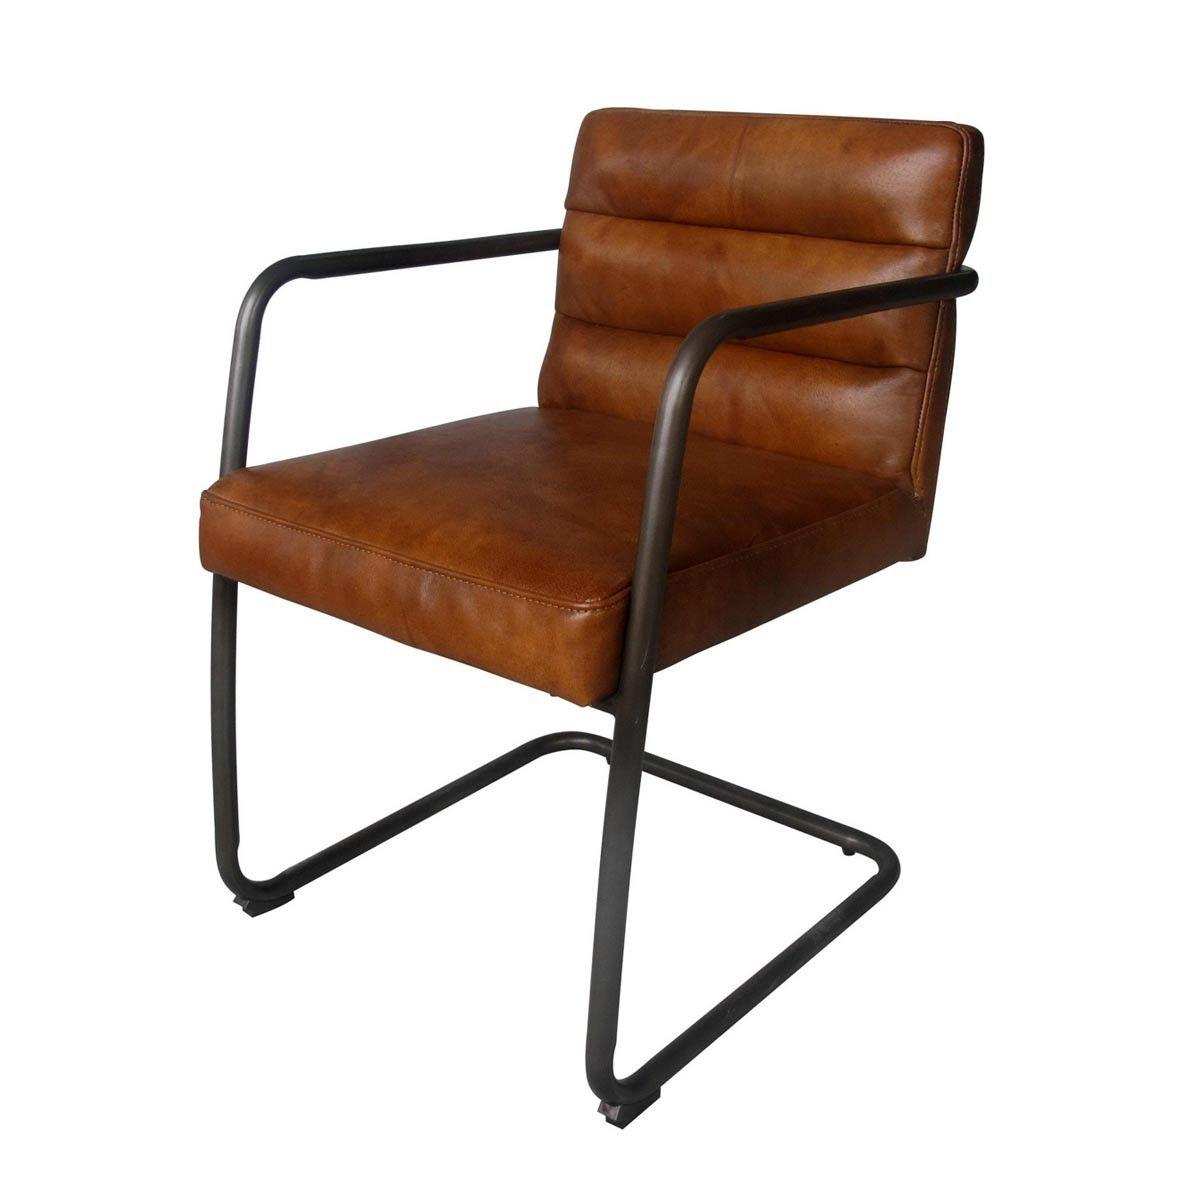 Vintage - Mooie industiele stoel met een cognac lederen bekleding en een gebogen metalen frame.  Deze stoel is direct uit voorraad leverbaar